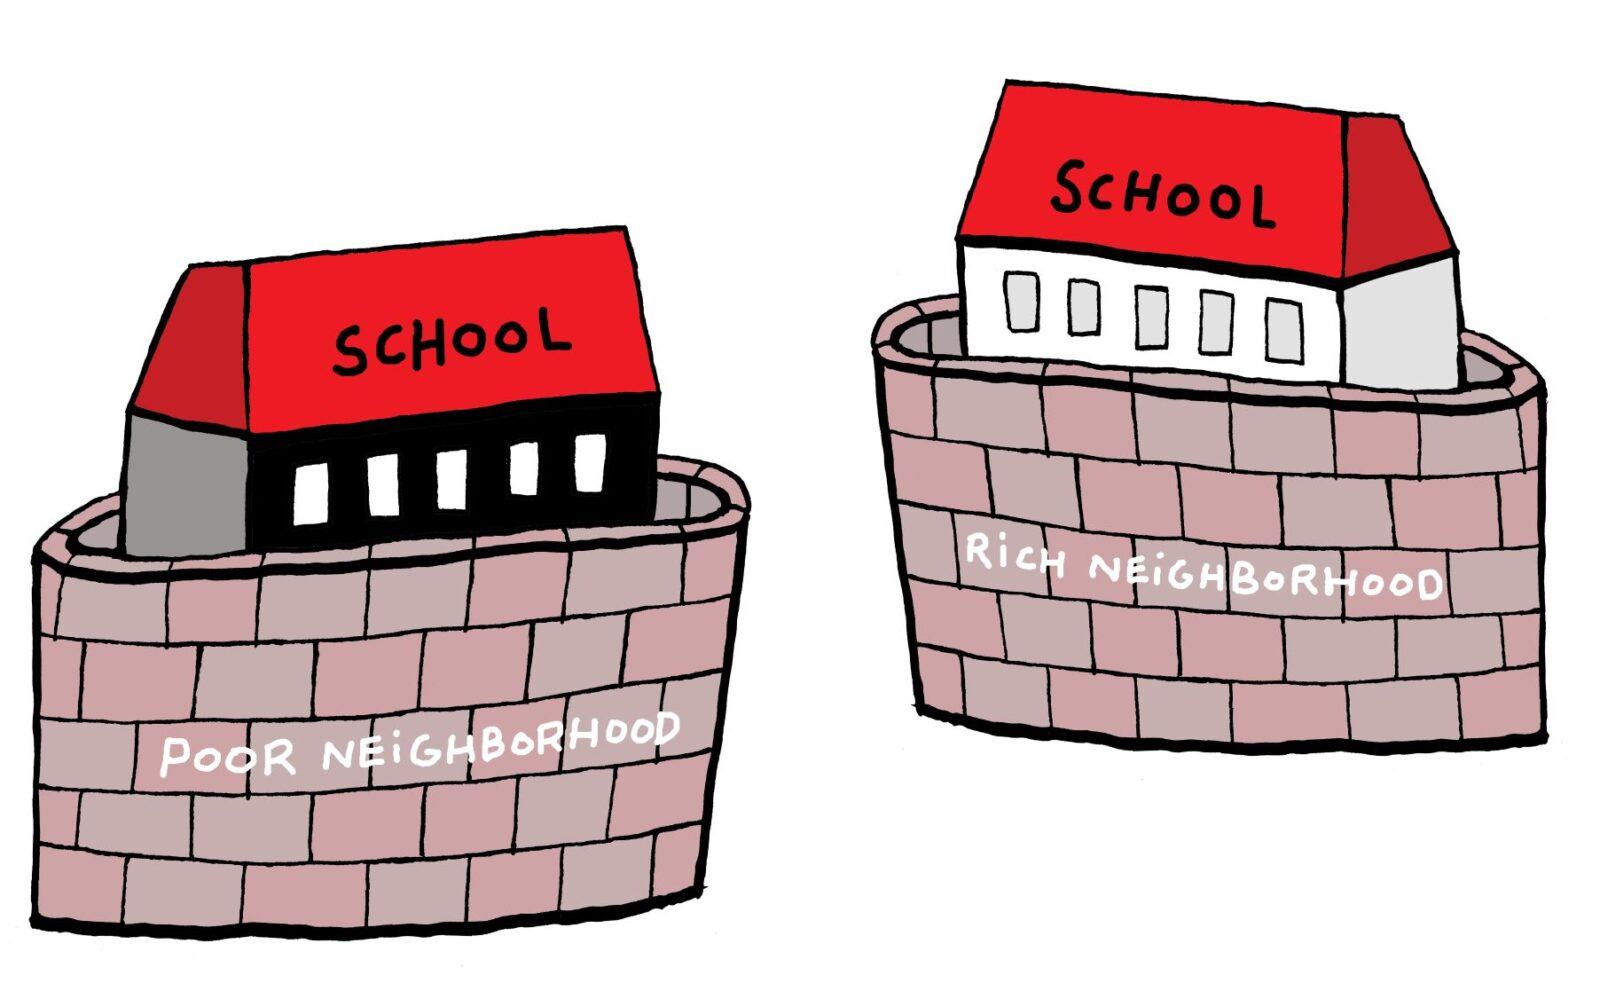 kwestie – onderwijs corona kansenongelijkheid wijk muur EN – bas van der schot